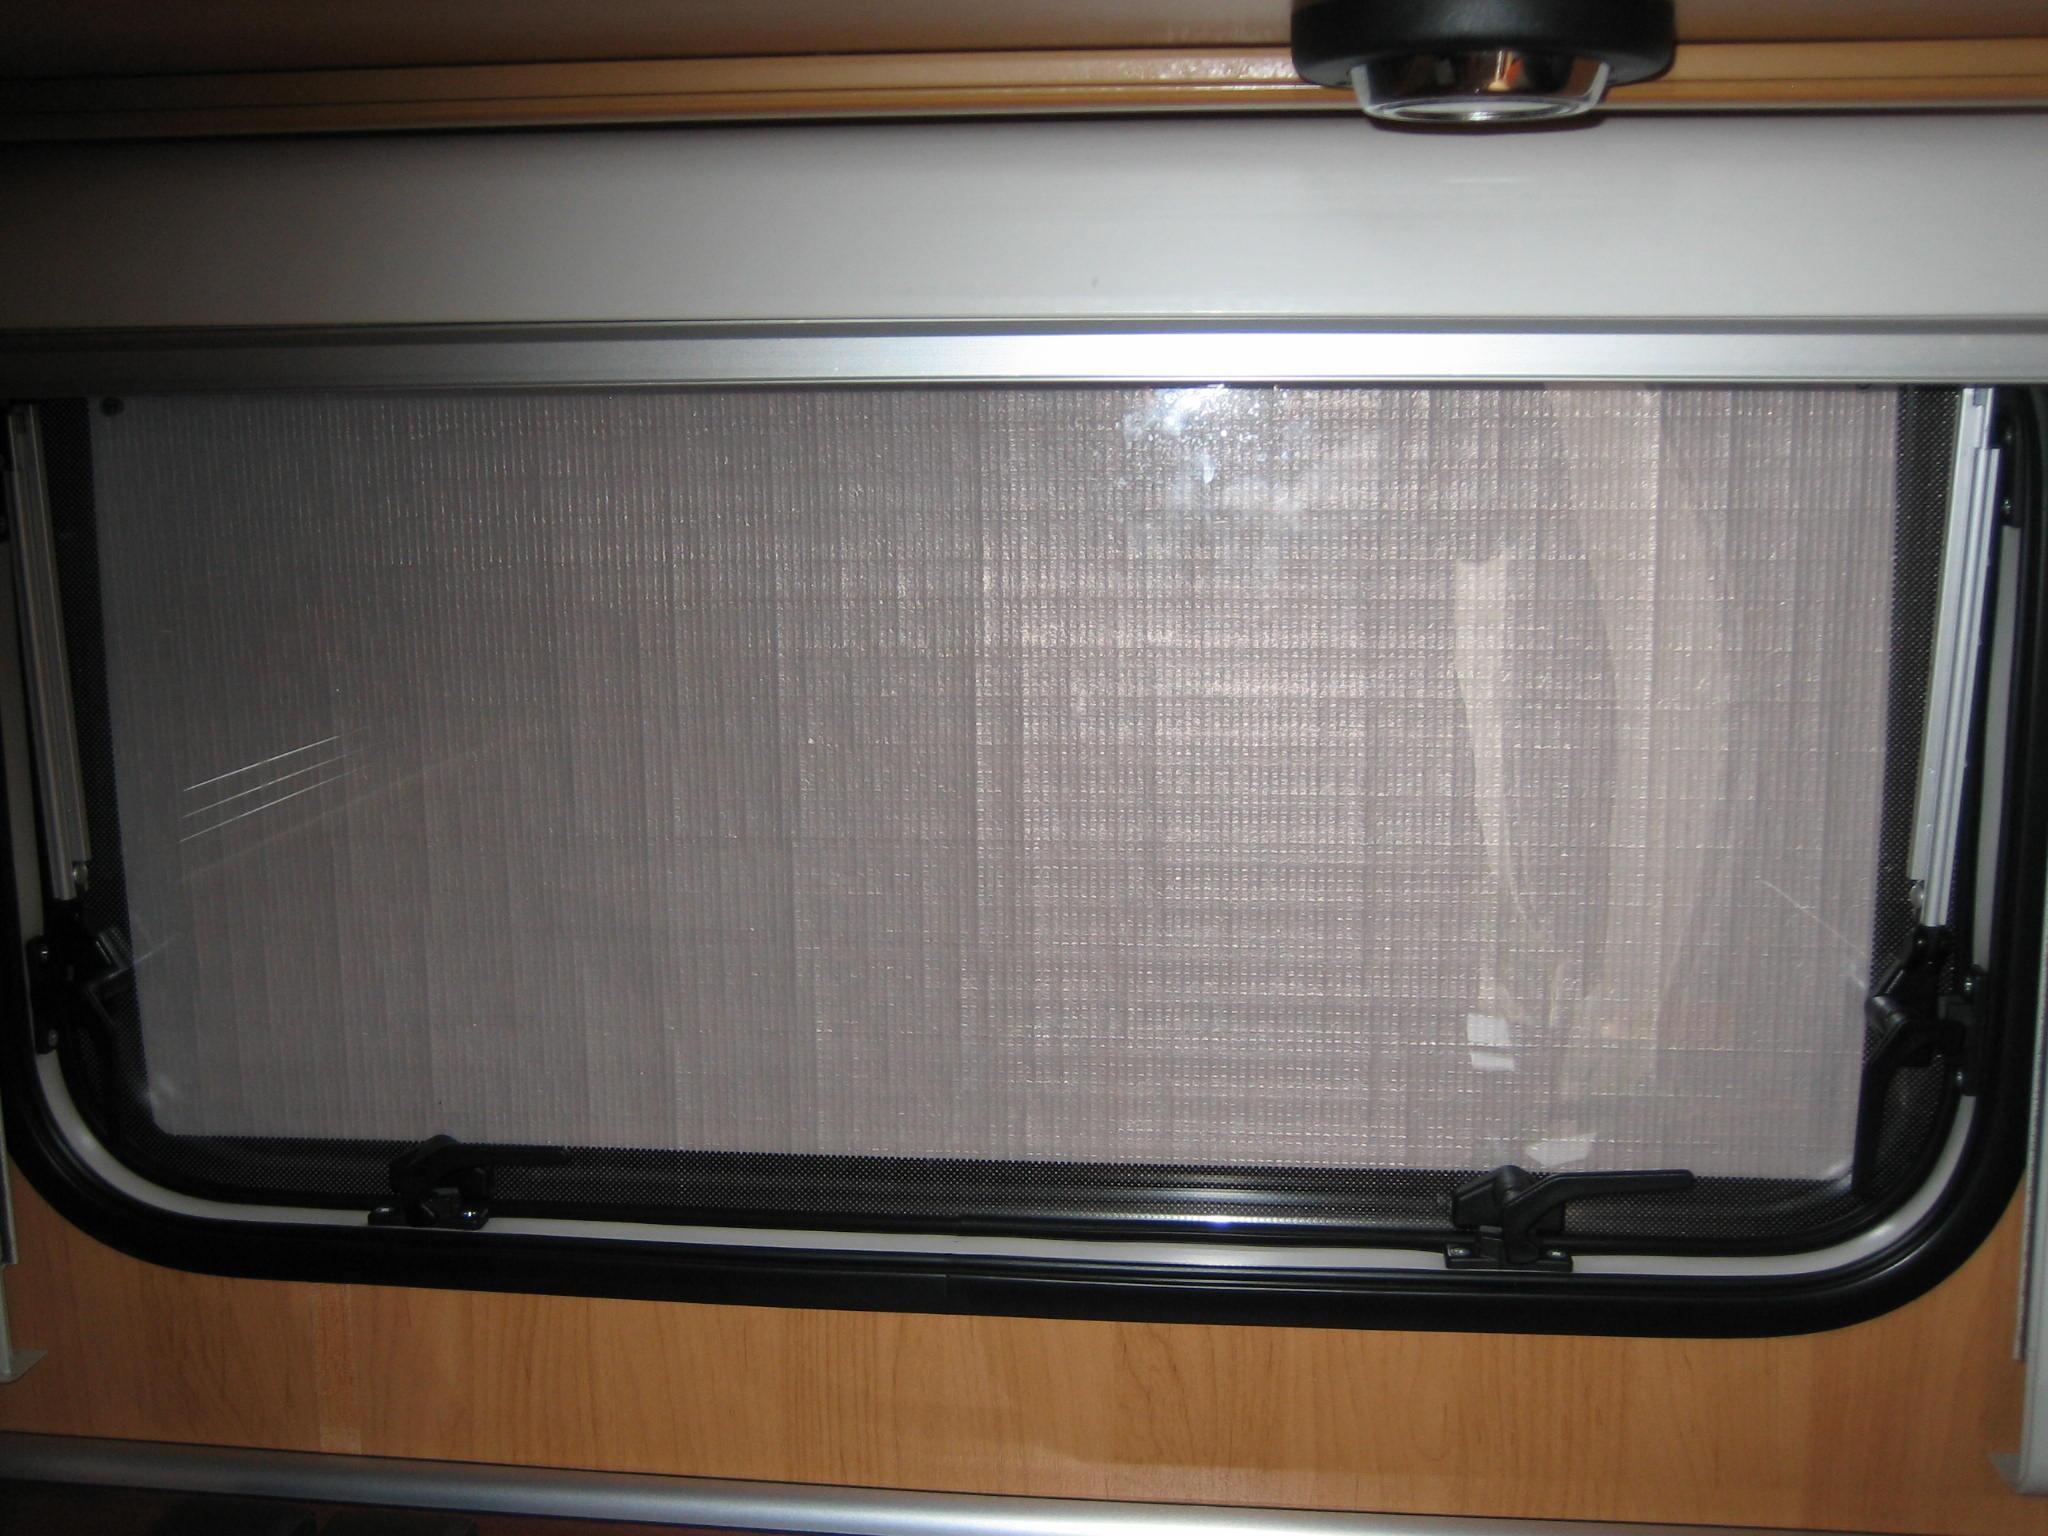 Fenster und dachhauben sonnenabdeckungen wohnmobil forum - Warum beschlagen fenster von innen ...